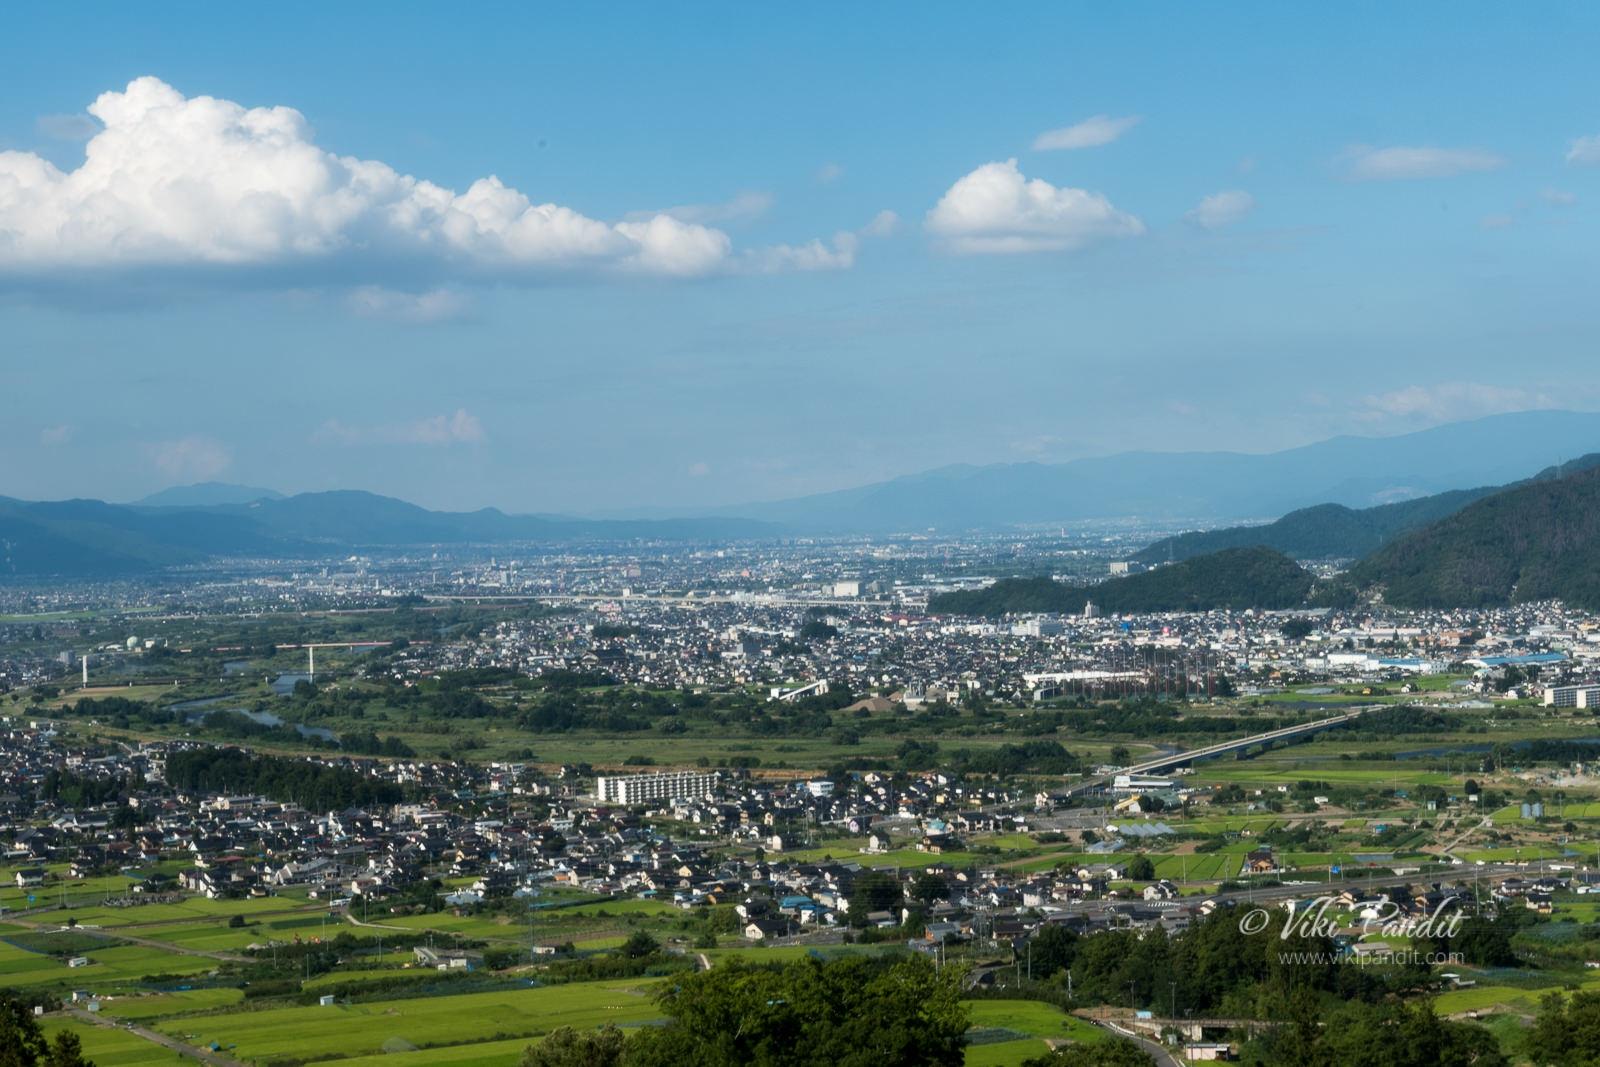 Nagano Valley